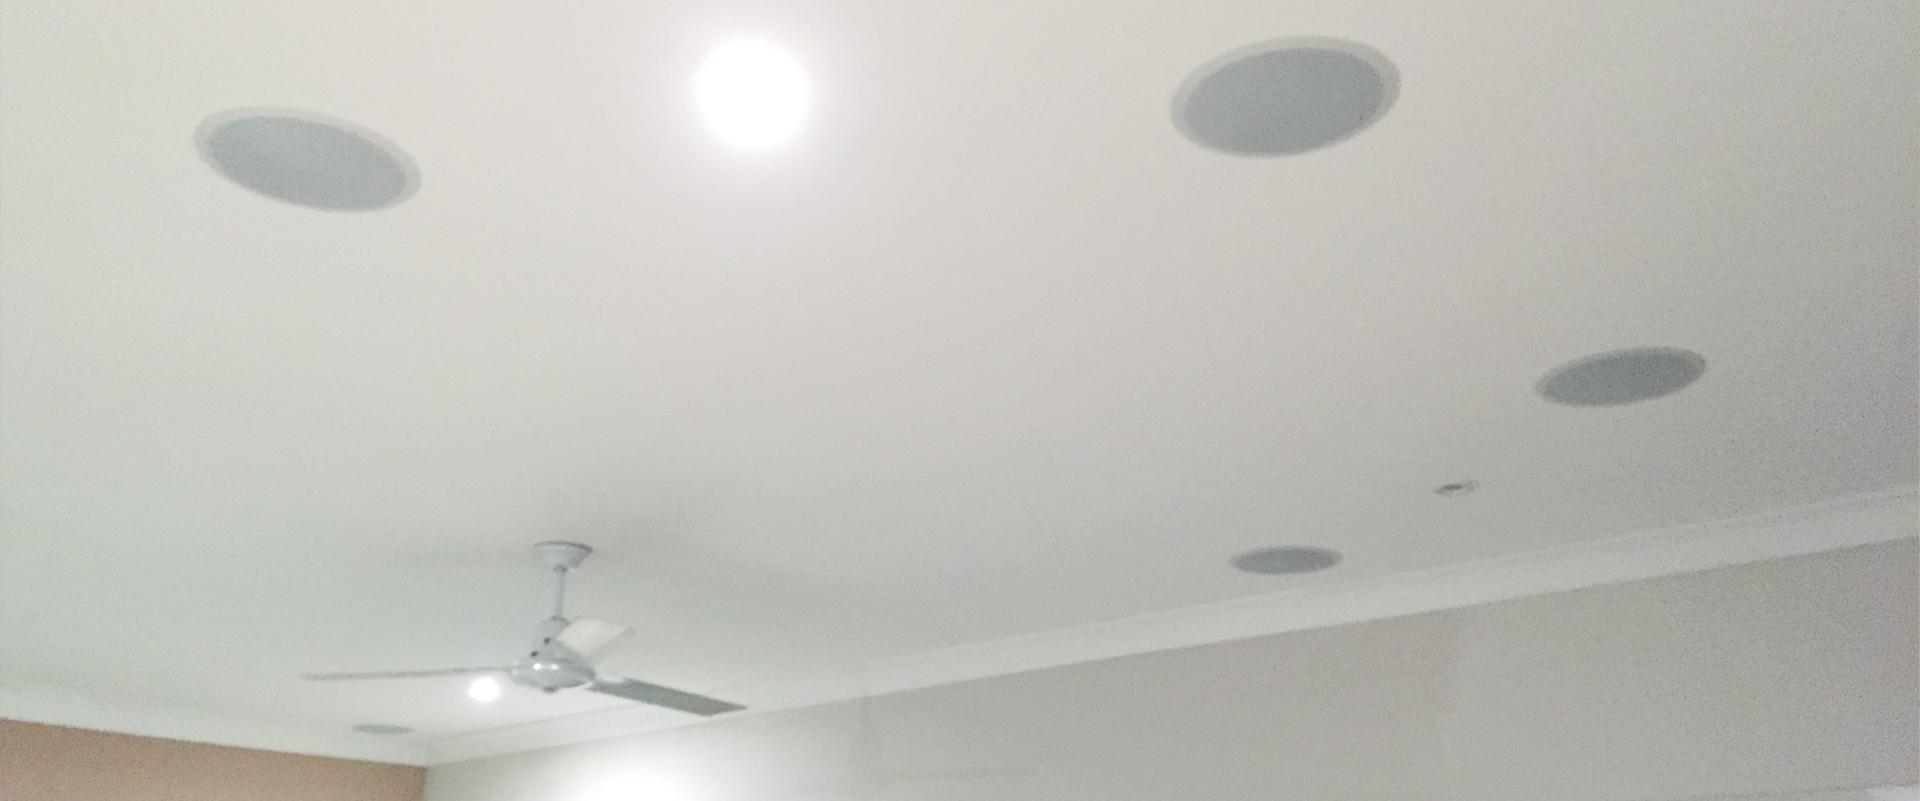 CeilingSpeakers-1